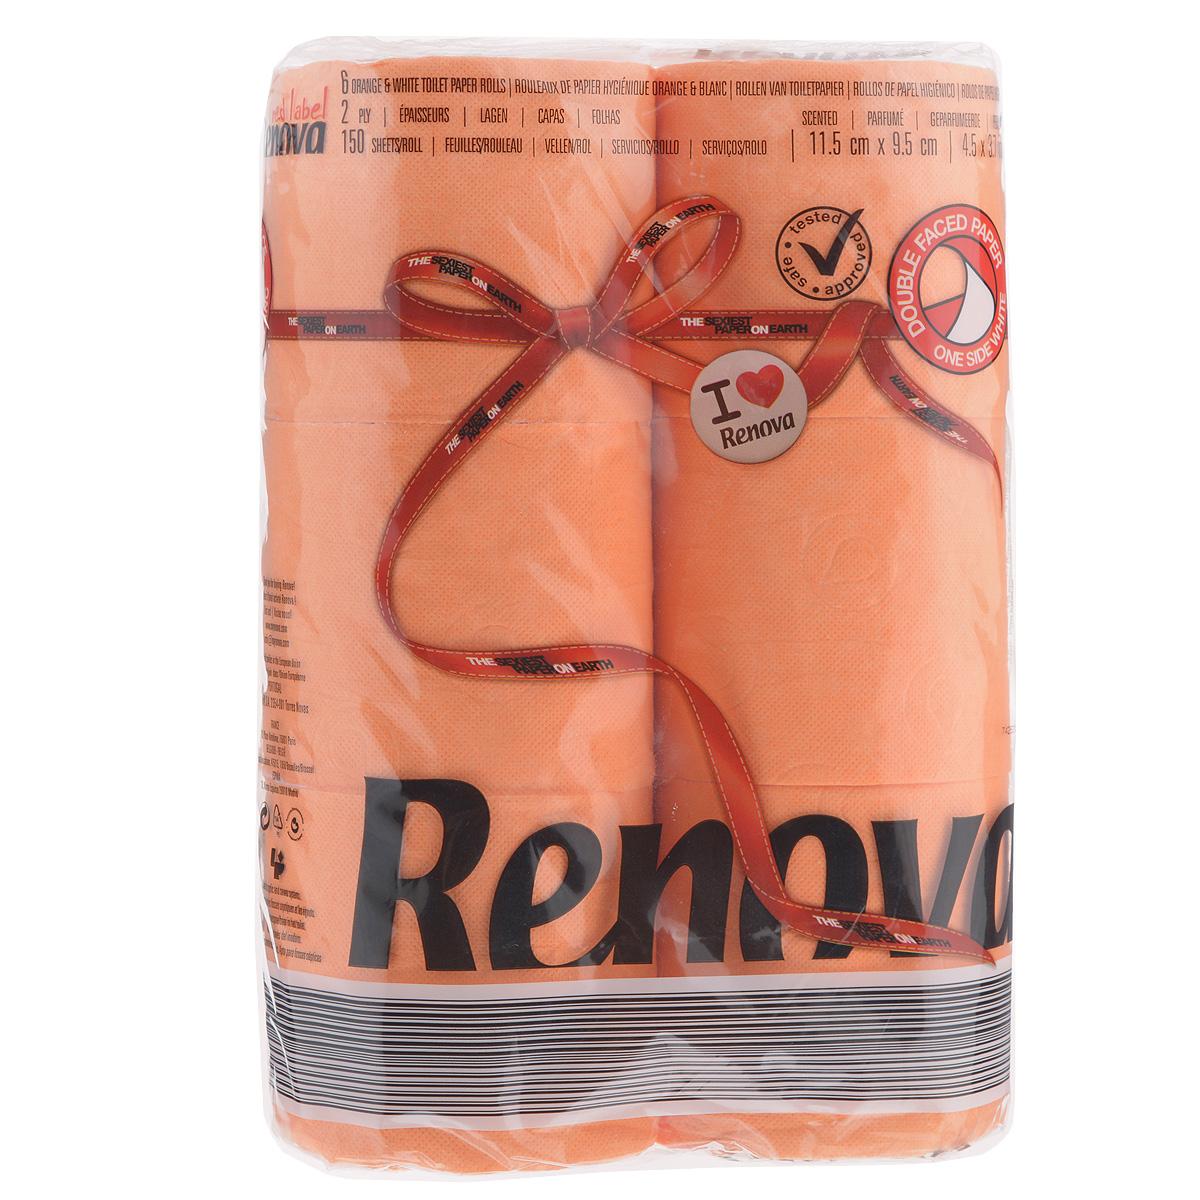 Туалетная бумага Renova, двухслойная, ароматизированная, цвет: оранжевый, 6 рулонов200066929Туалетная бумага Renova изготовлена по новейшей технологии из 100% ароматизированной целлюлозы, благодаря чему она имеет тонкий аромат, очень мягкая, нежная, но в тоже время прочная. Эксклюзивная двухсторонняя туалетная бумага Renova  экстрамодного цвета, придаст вашему туалету оригинальность. Состав: 100% ароматизированная целлюлоза. Количество листов: 150 шт. Количество слоев: 2. Размер листа: 11,5 см х 9,5 см. Количество рулонов: 6 шт. Португальская компания Renova является ведущим разработчиком новейших технологий производства, нового стиля и направления на рынке гигиенической продукции. Современный дизайн и высочайшее качество, дерматологический контроль - это то, что выделяет компанию Renova среди других производителей бумажной санитарно-гигиенической продукции.